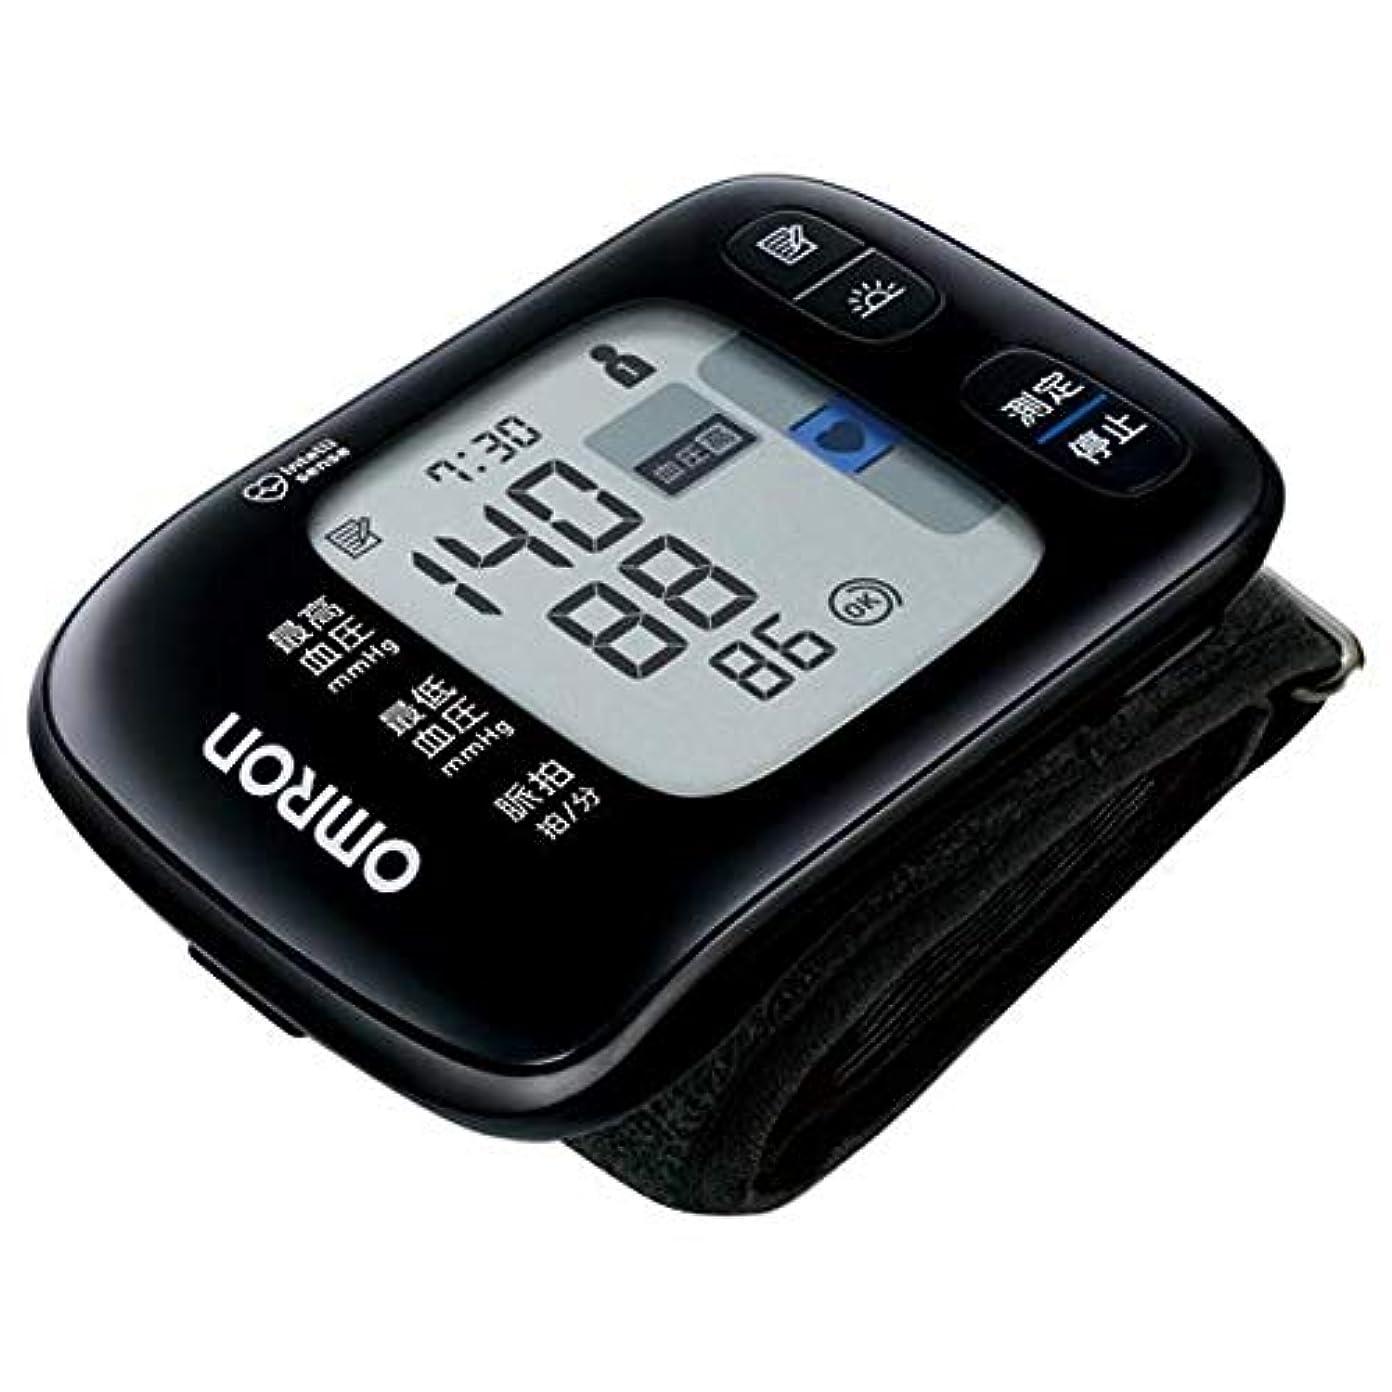 リフレッシュパラメータ不名誉オムロン手首式血圧計HEM-6232T HEM-6232T